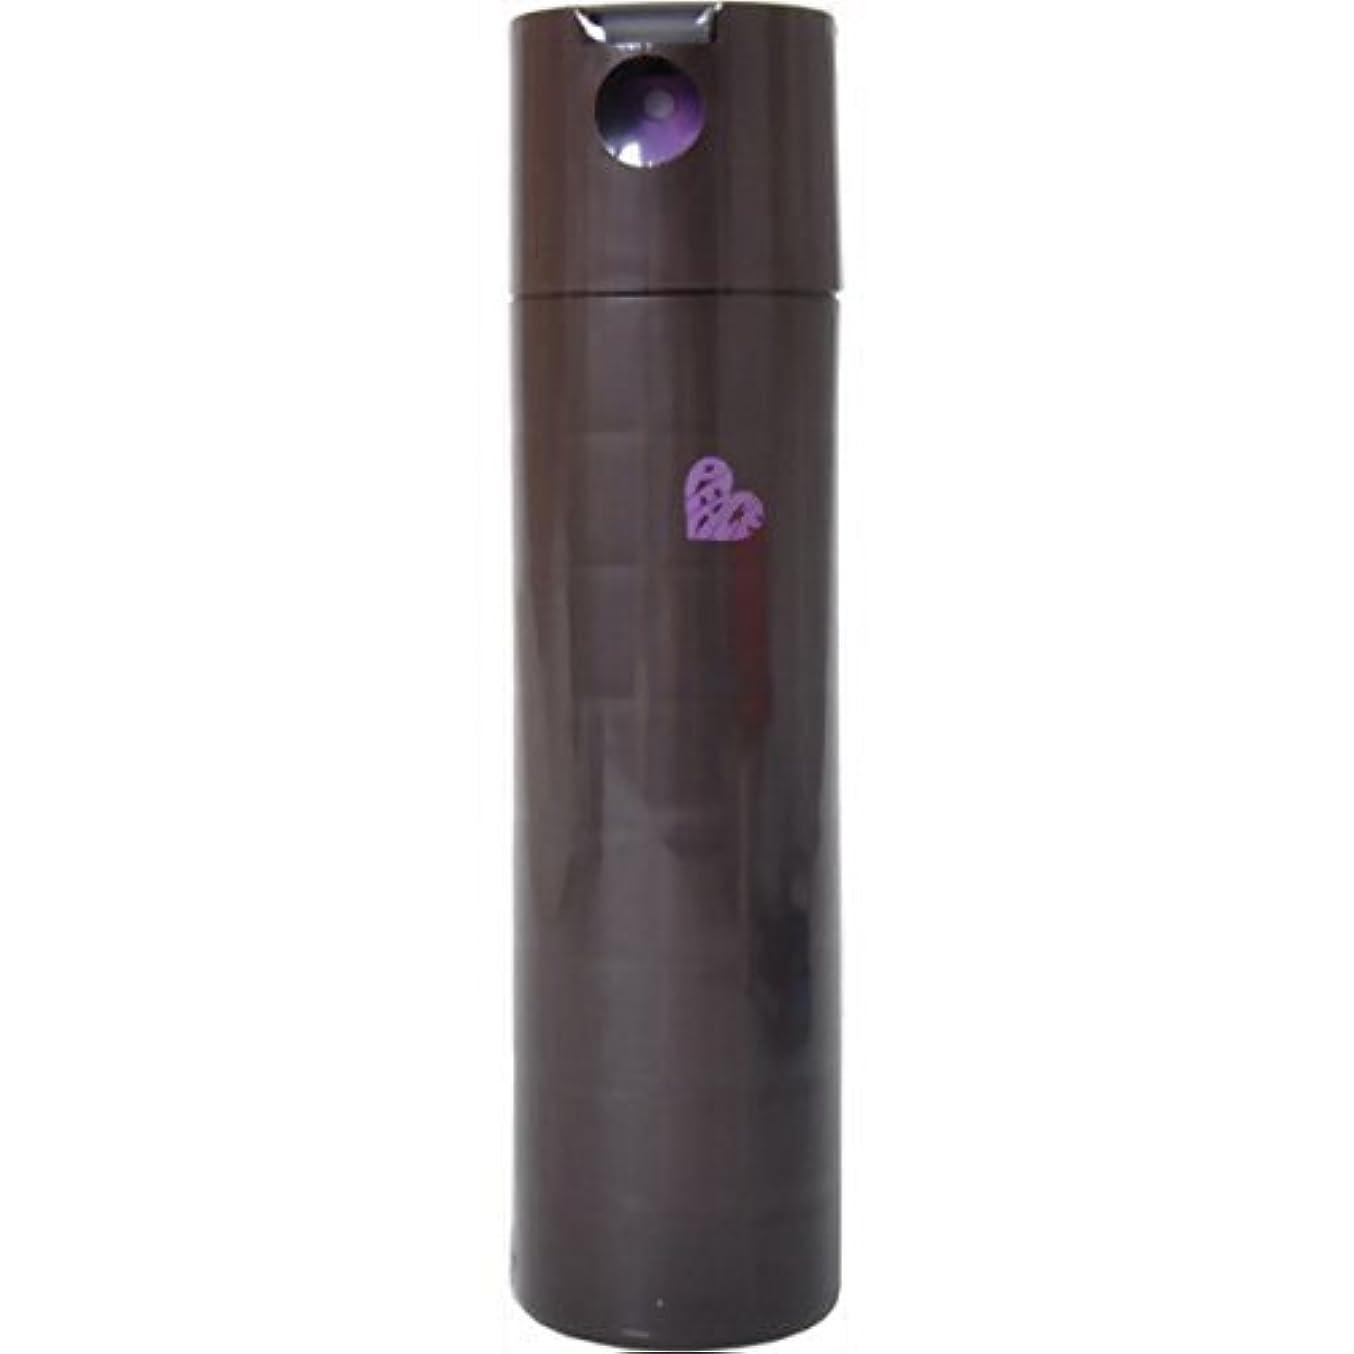 祈る説得力のある知覚するアリミノ ピース カールspray チョコ 138g(200ml) スプレーライン ARIMINO PEACE